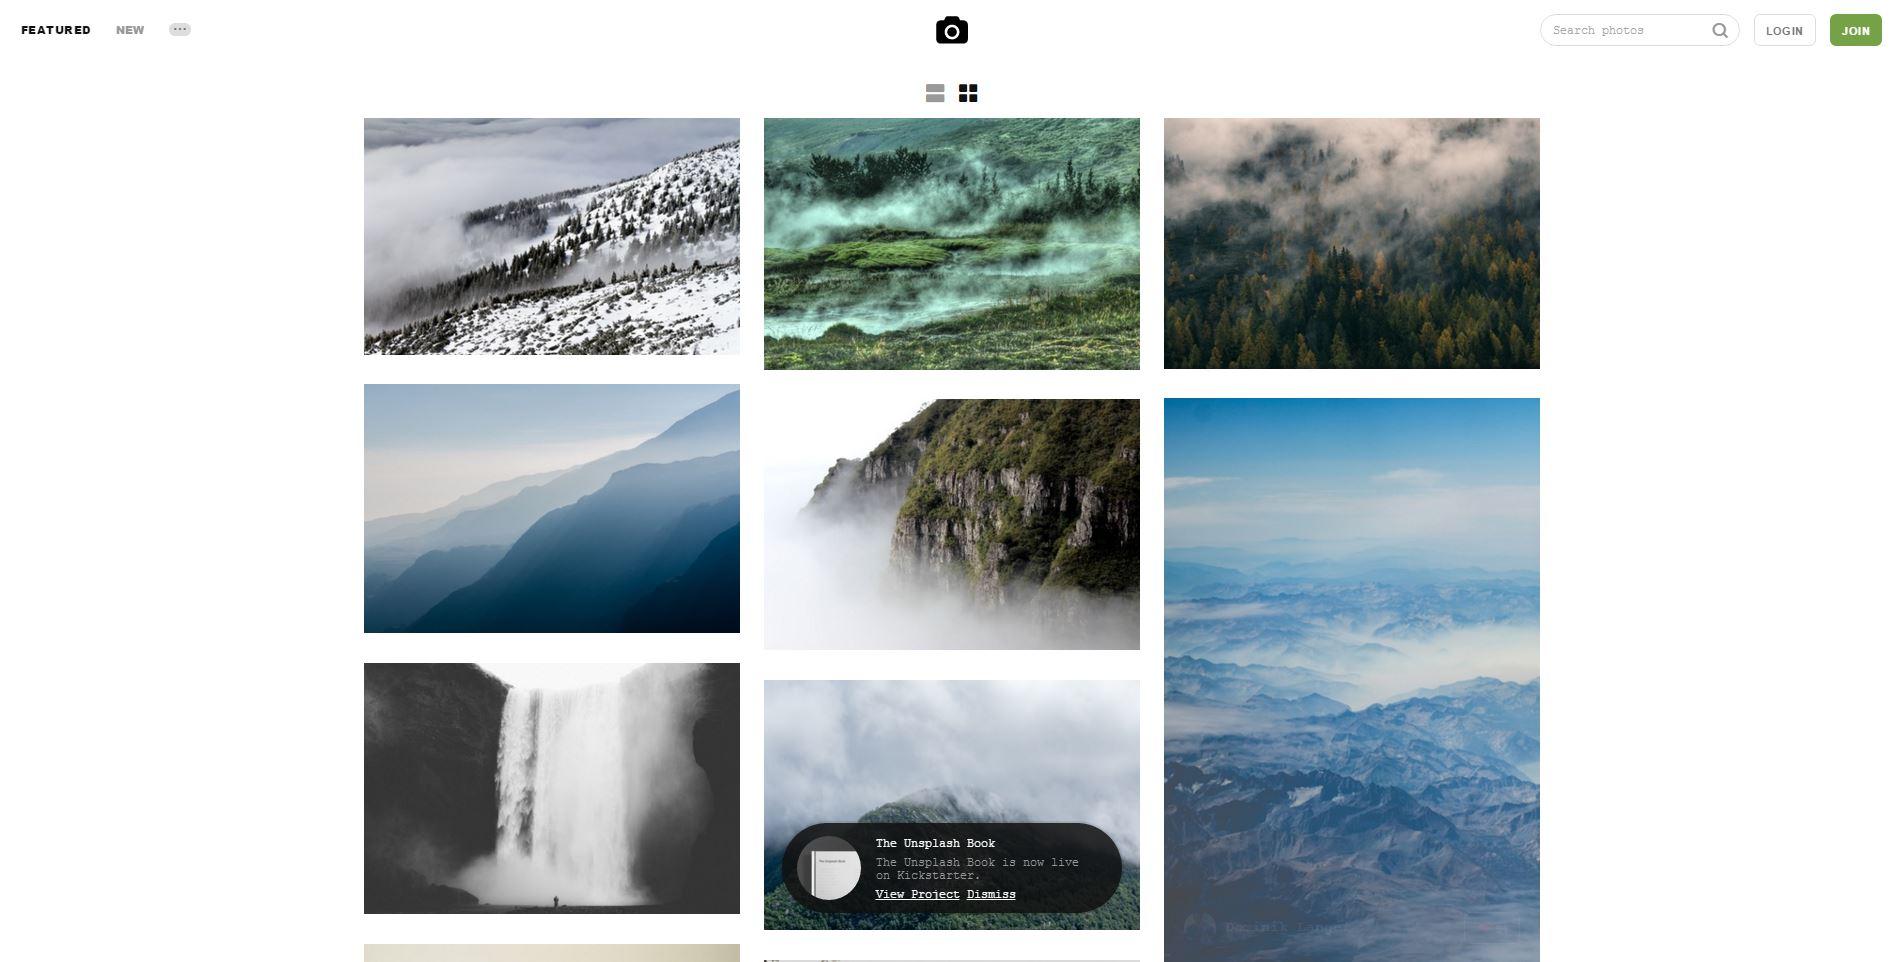 Cool Links - Unsplash Images